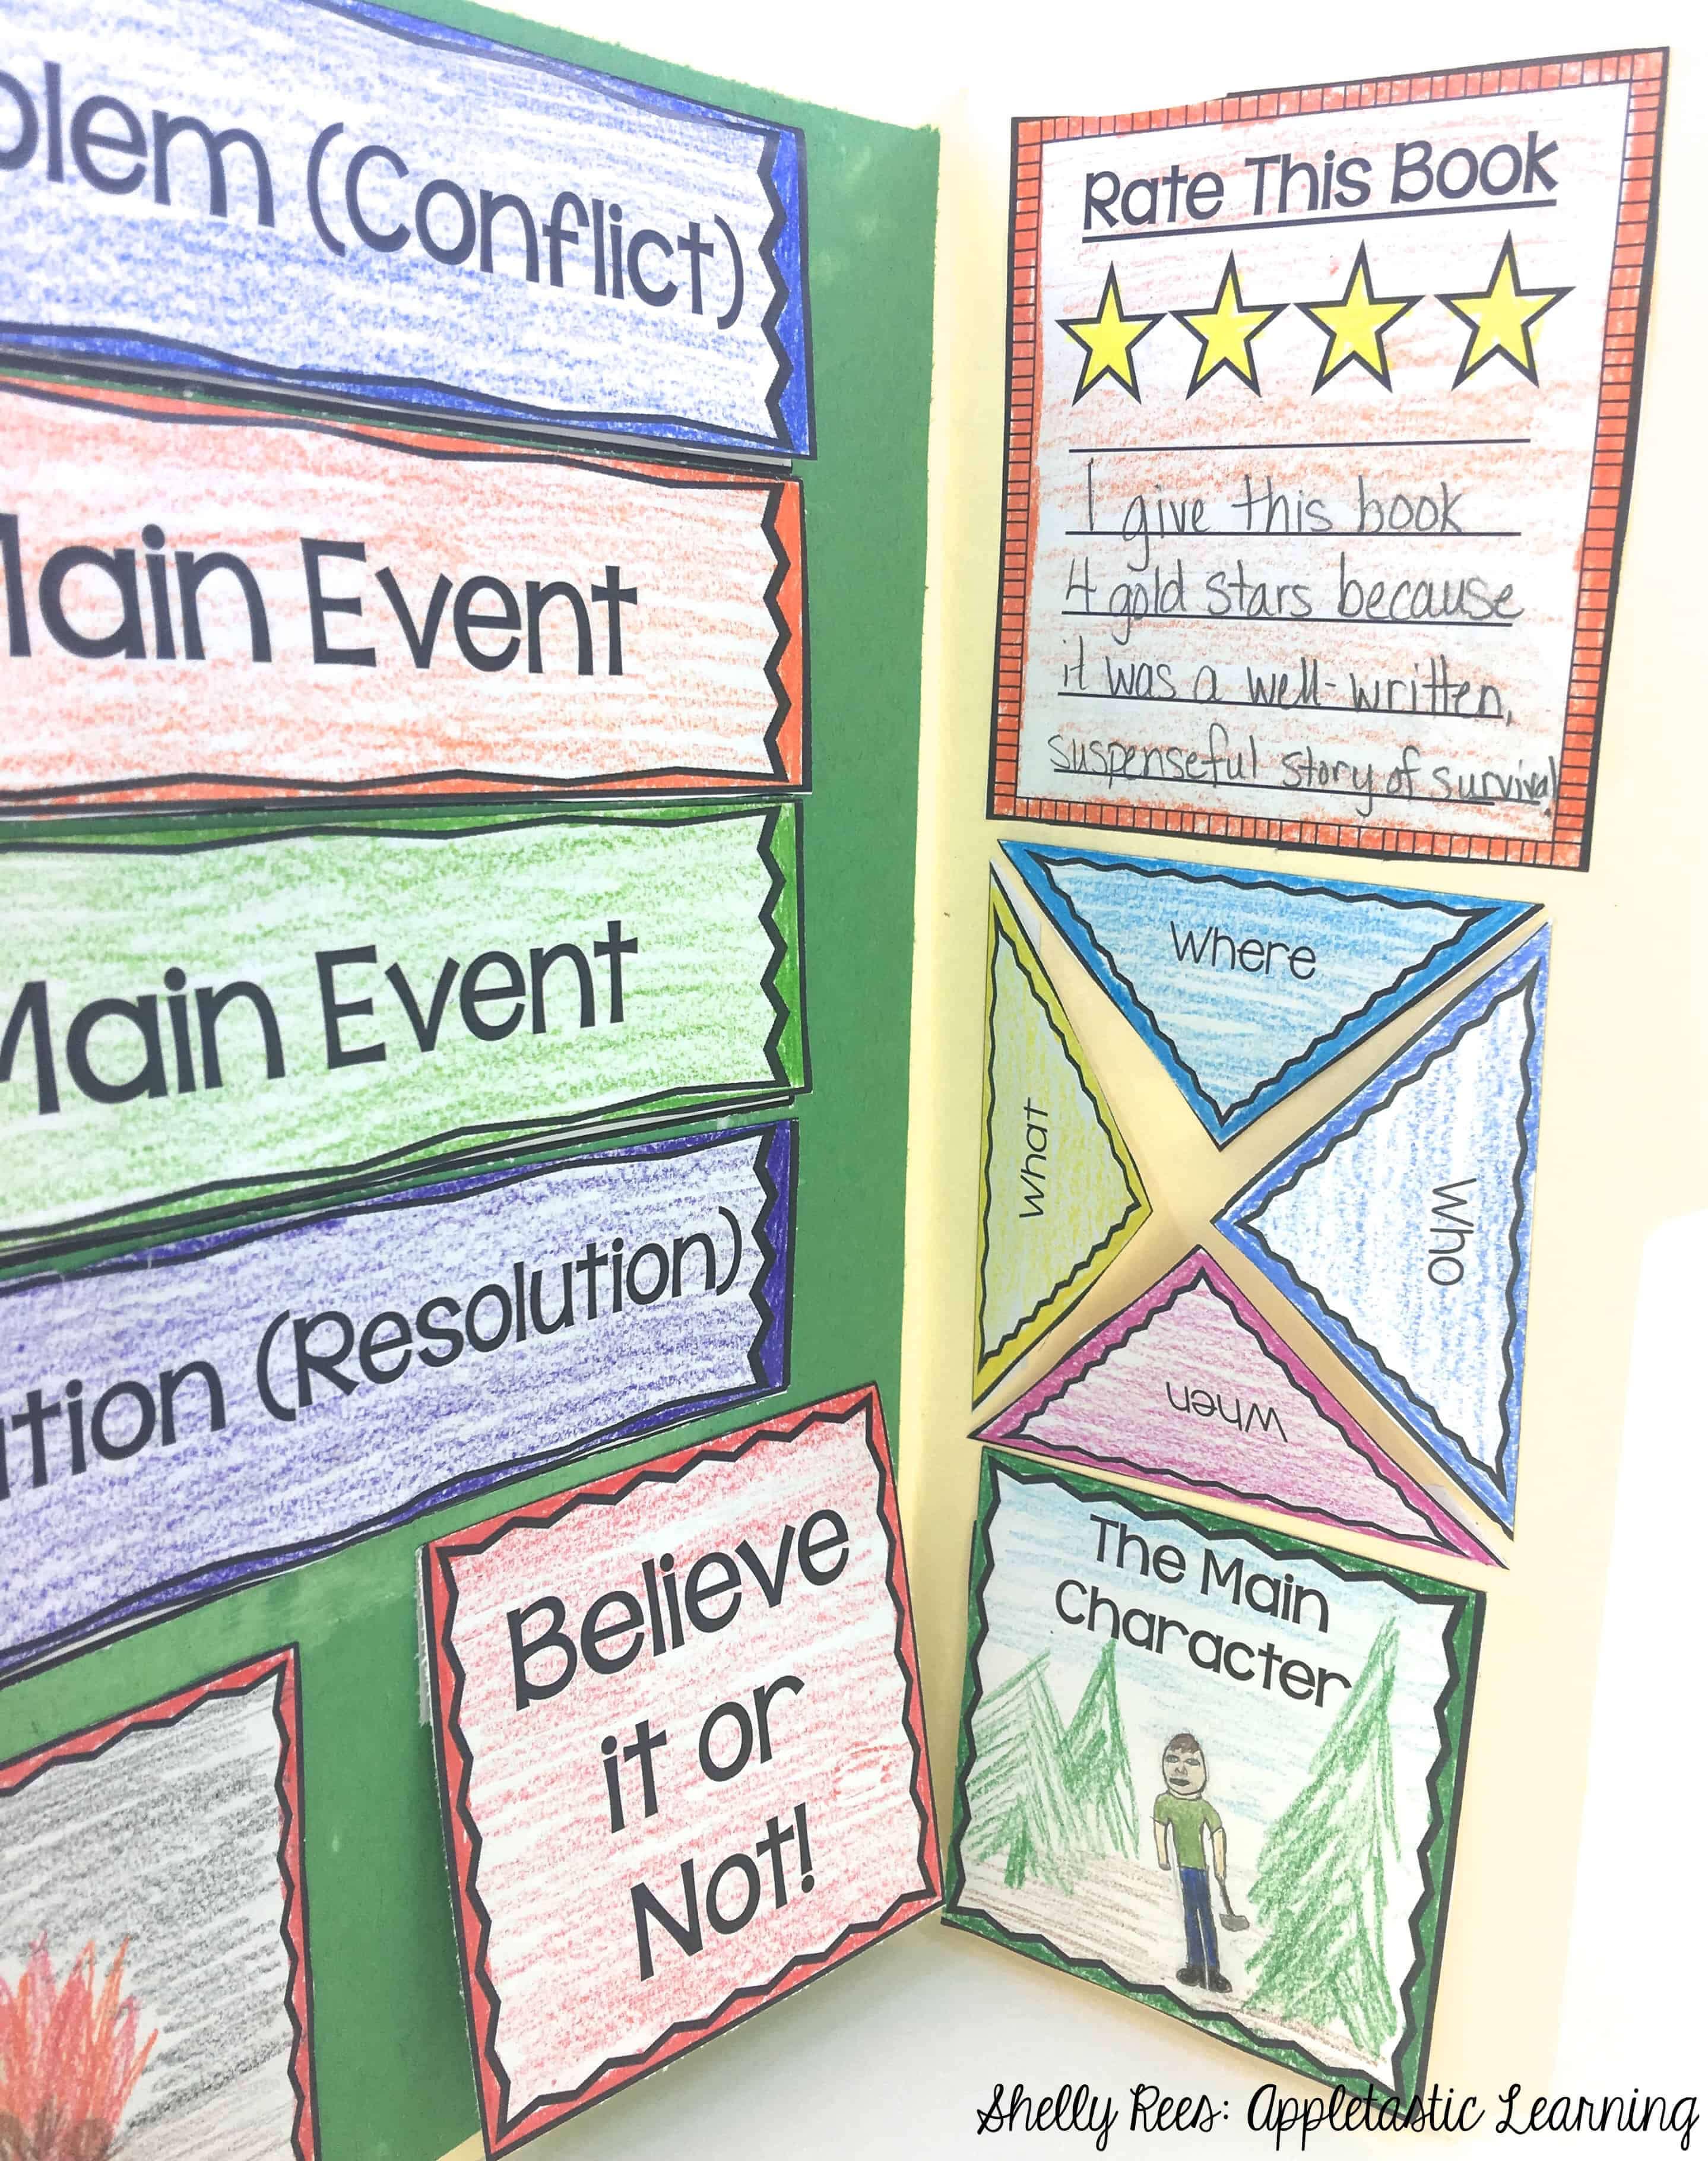 Paper Bag Book Report Template - Atlantaauctionco Throughout Paper Bag Book Report Template